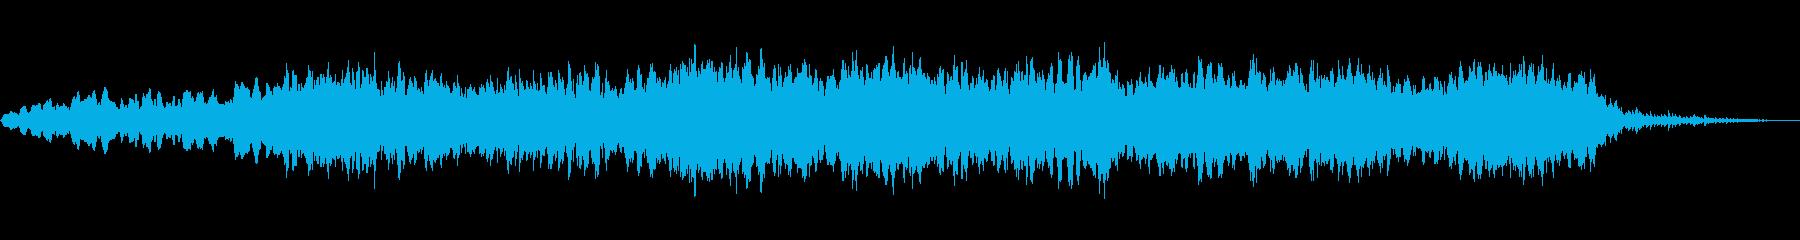 静かにはじまる、神秘的なメロディラインの再生済みの波形